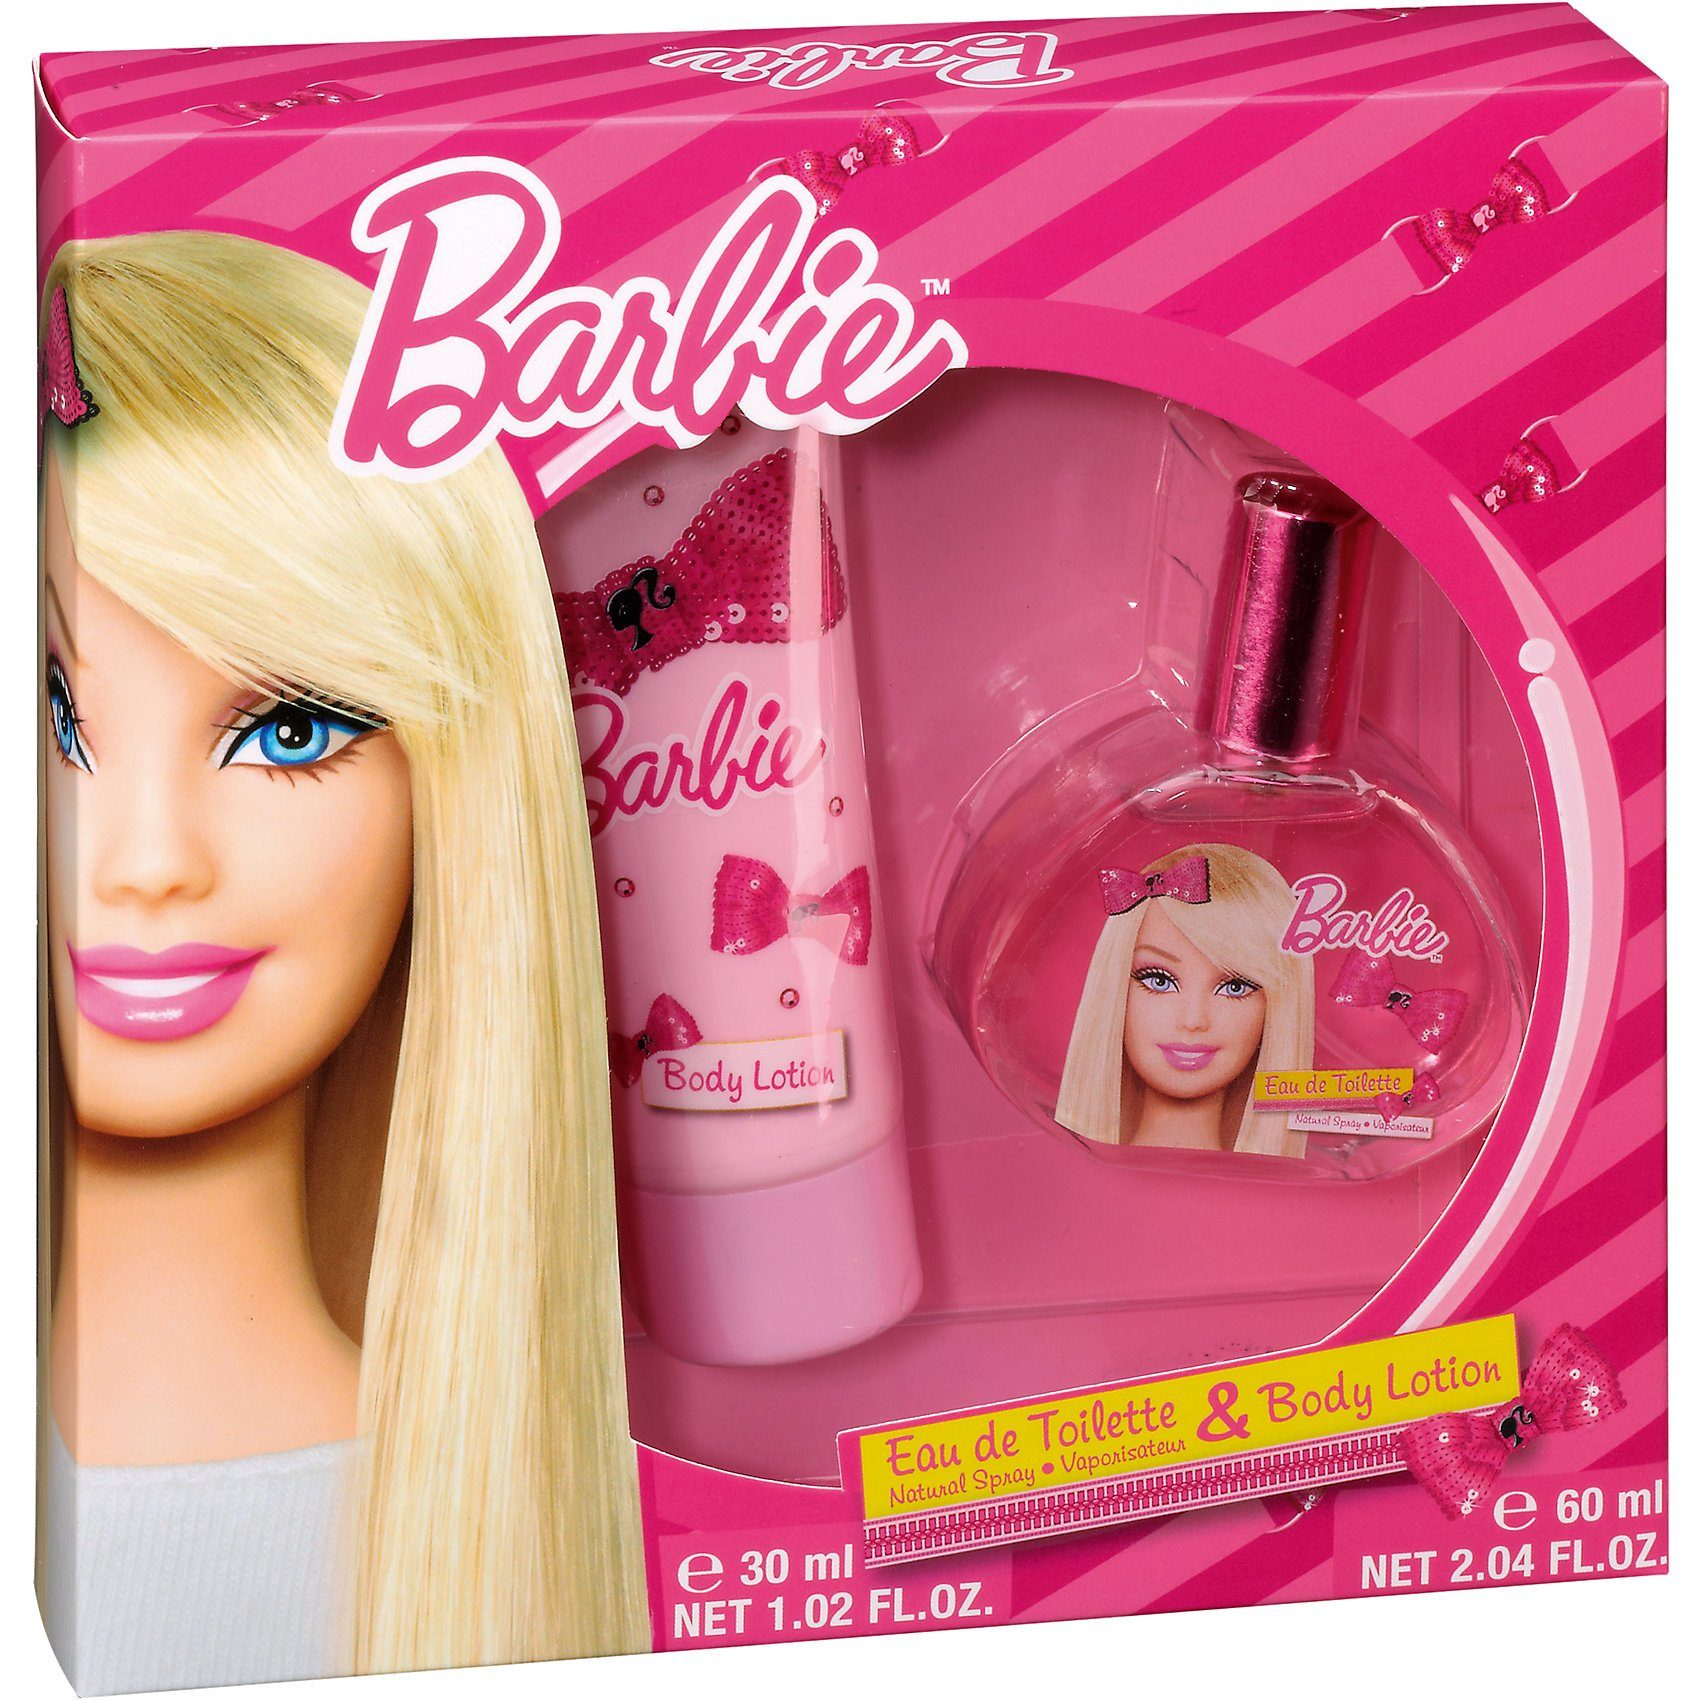 Duftset Barbie mit Eau de Toilette und Bodylotion